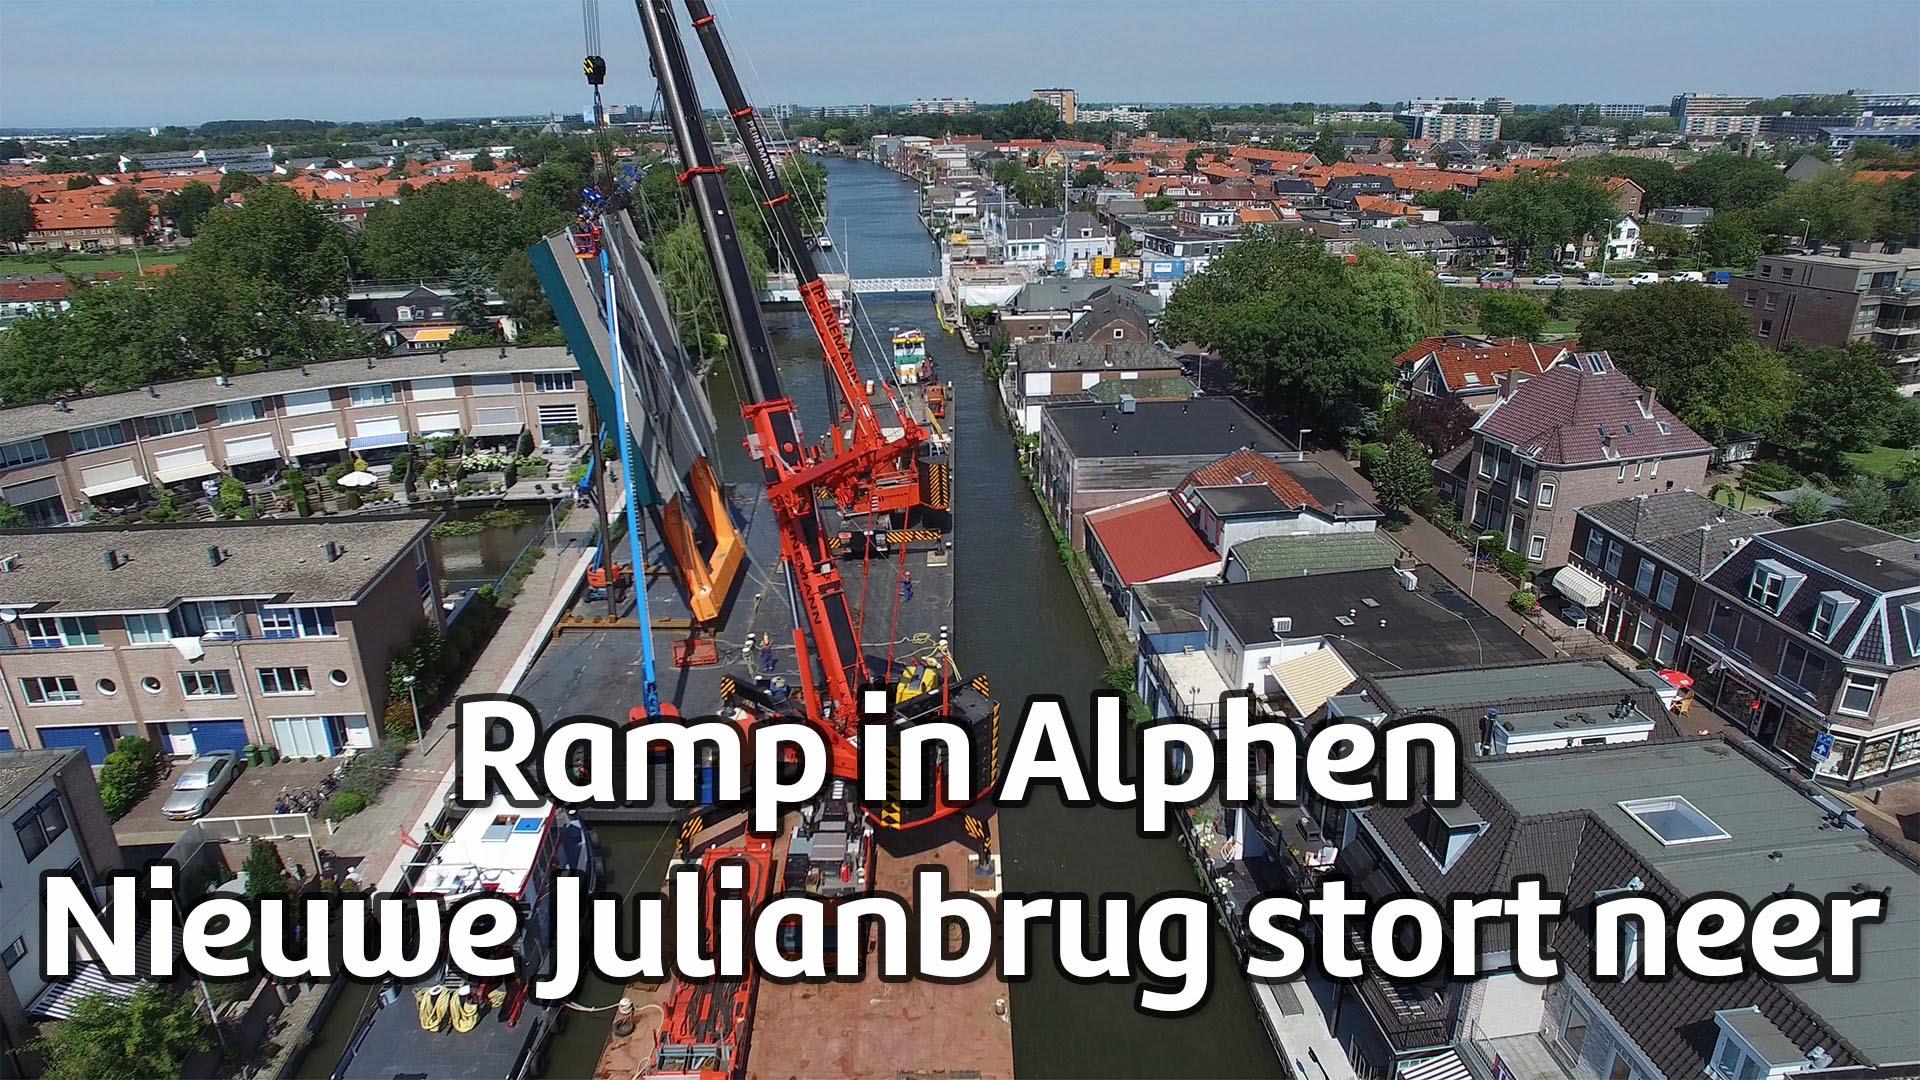 VIDEO: OZLIJEĐENO NAJMANJE 20 LJUDI Dvije dizalice srušile se na zgradu u Nizozemskoj